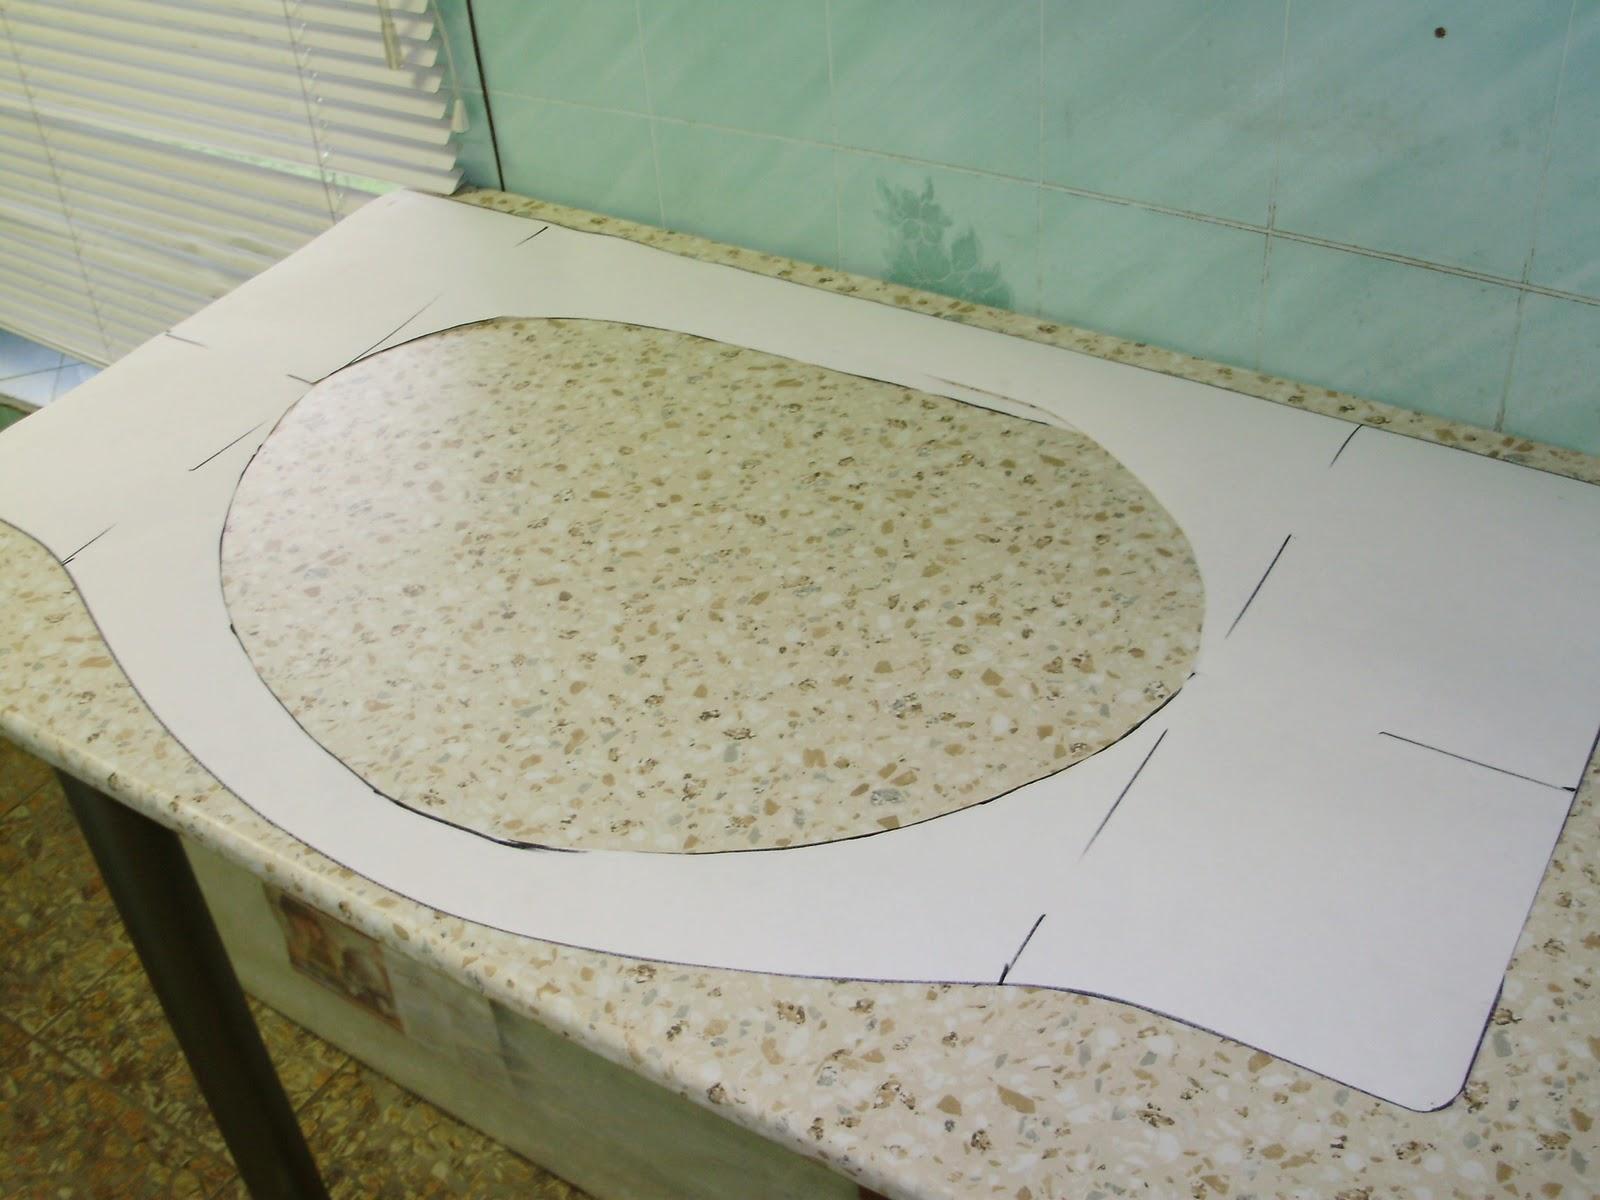 ТОП-7 идей как сделать тумбу для ванной своими руками 88